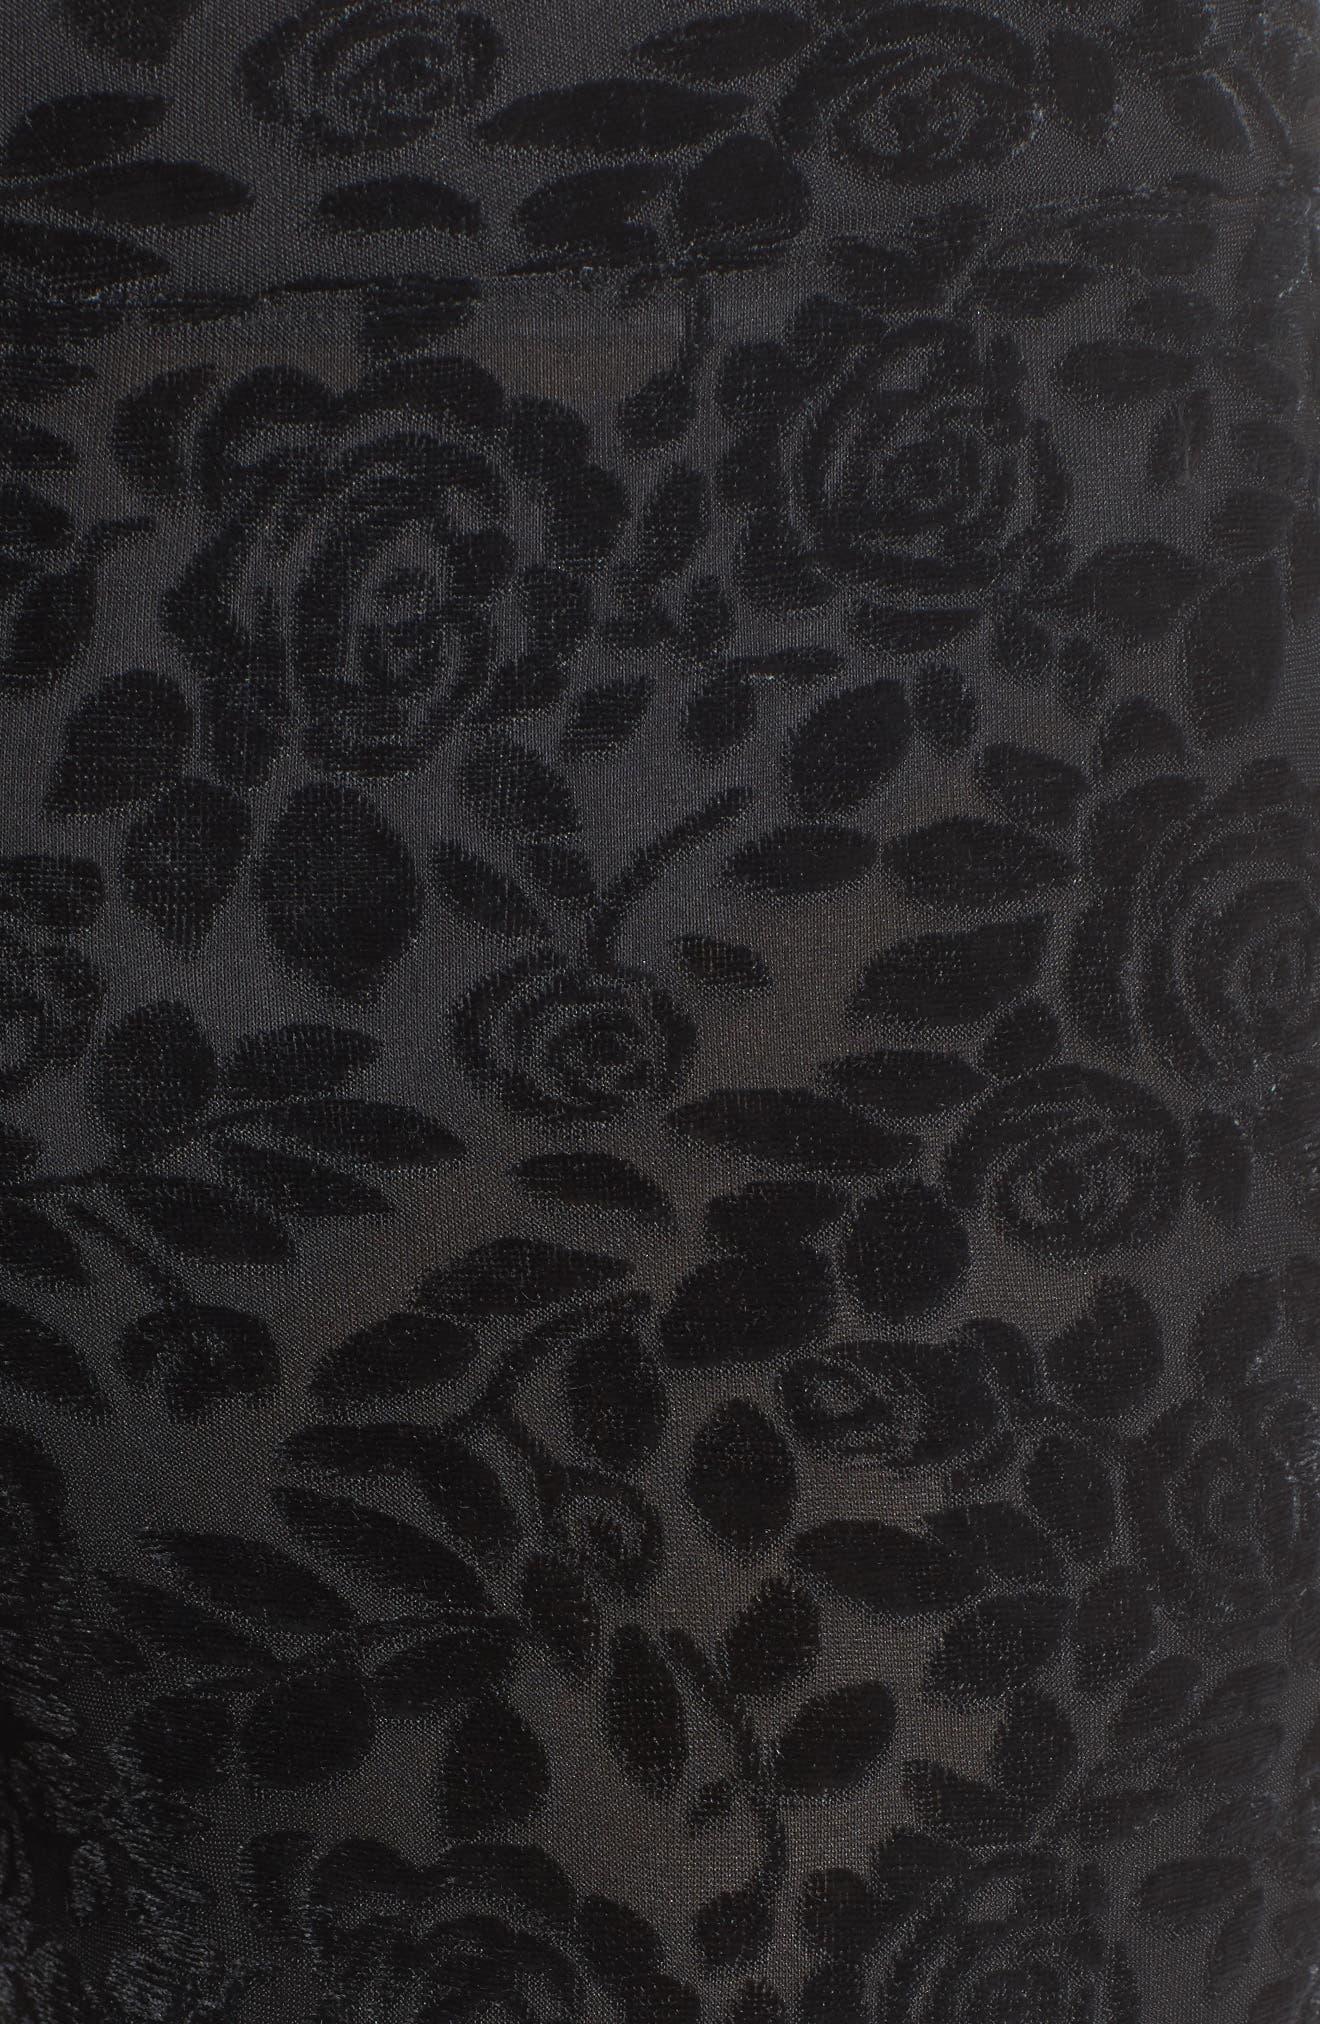 Burnout Floral Leggings,                             Alternate thumbnail 6, color,                             Black